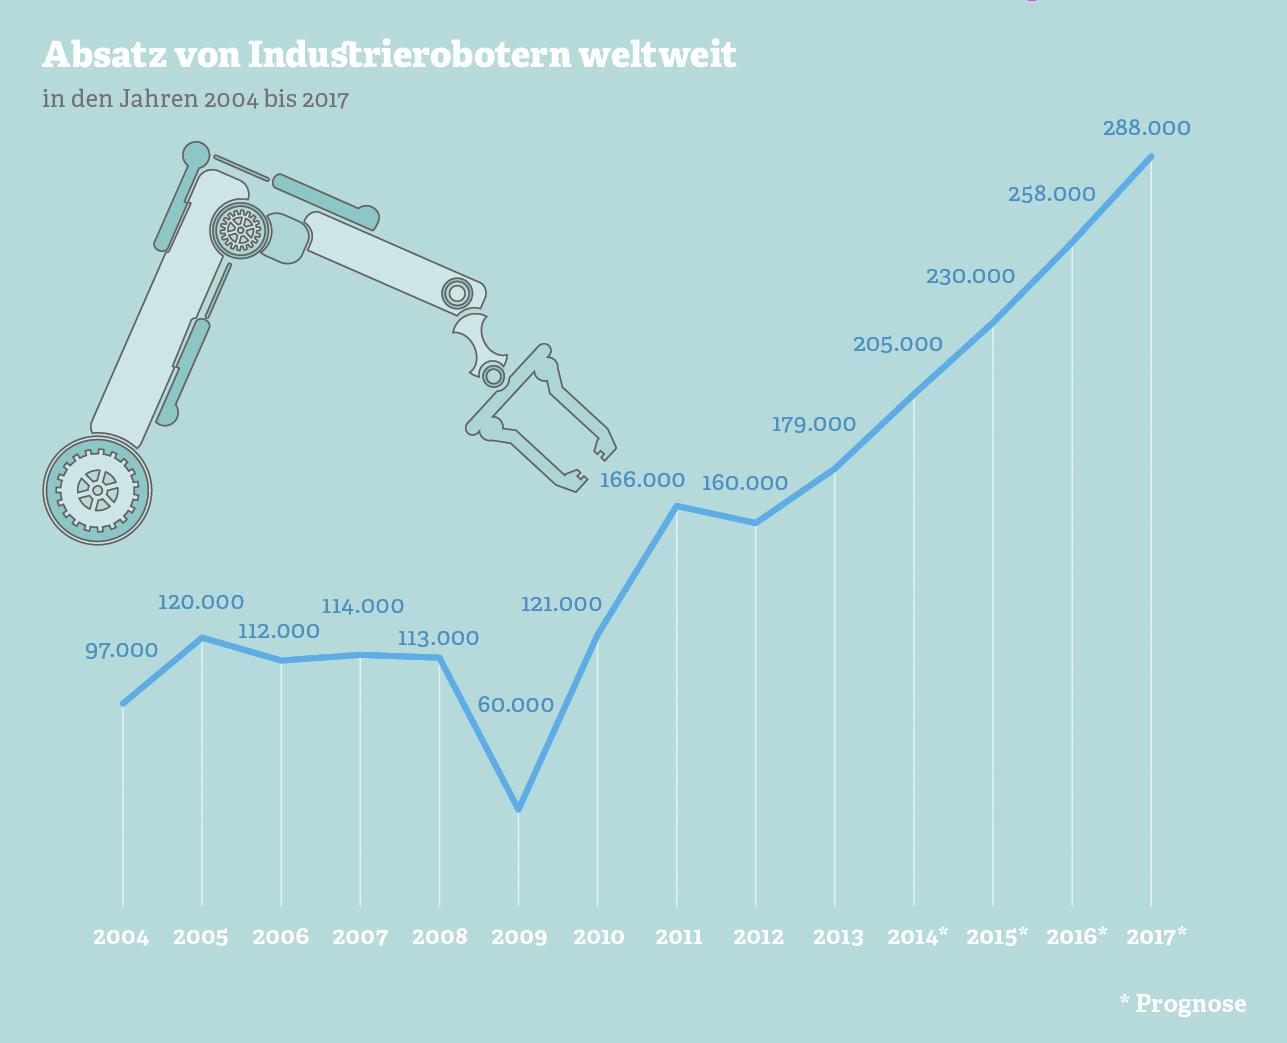 Grafik zum weltweiten Absatz von Industrierobotern